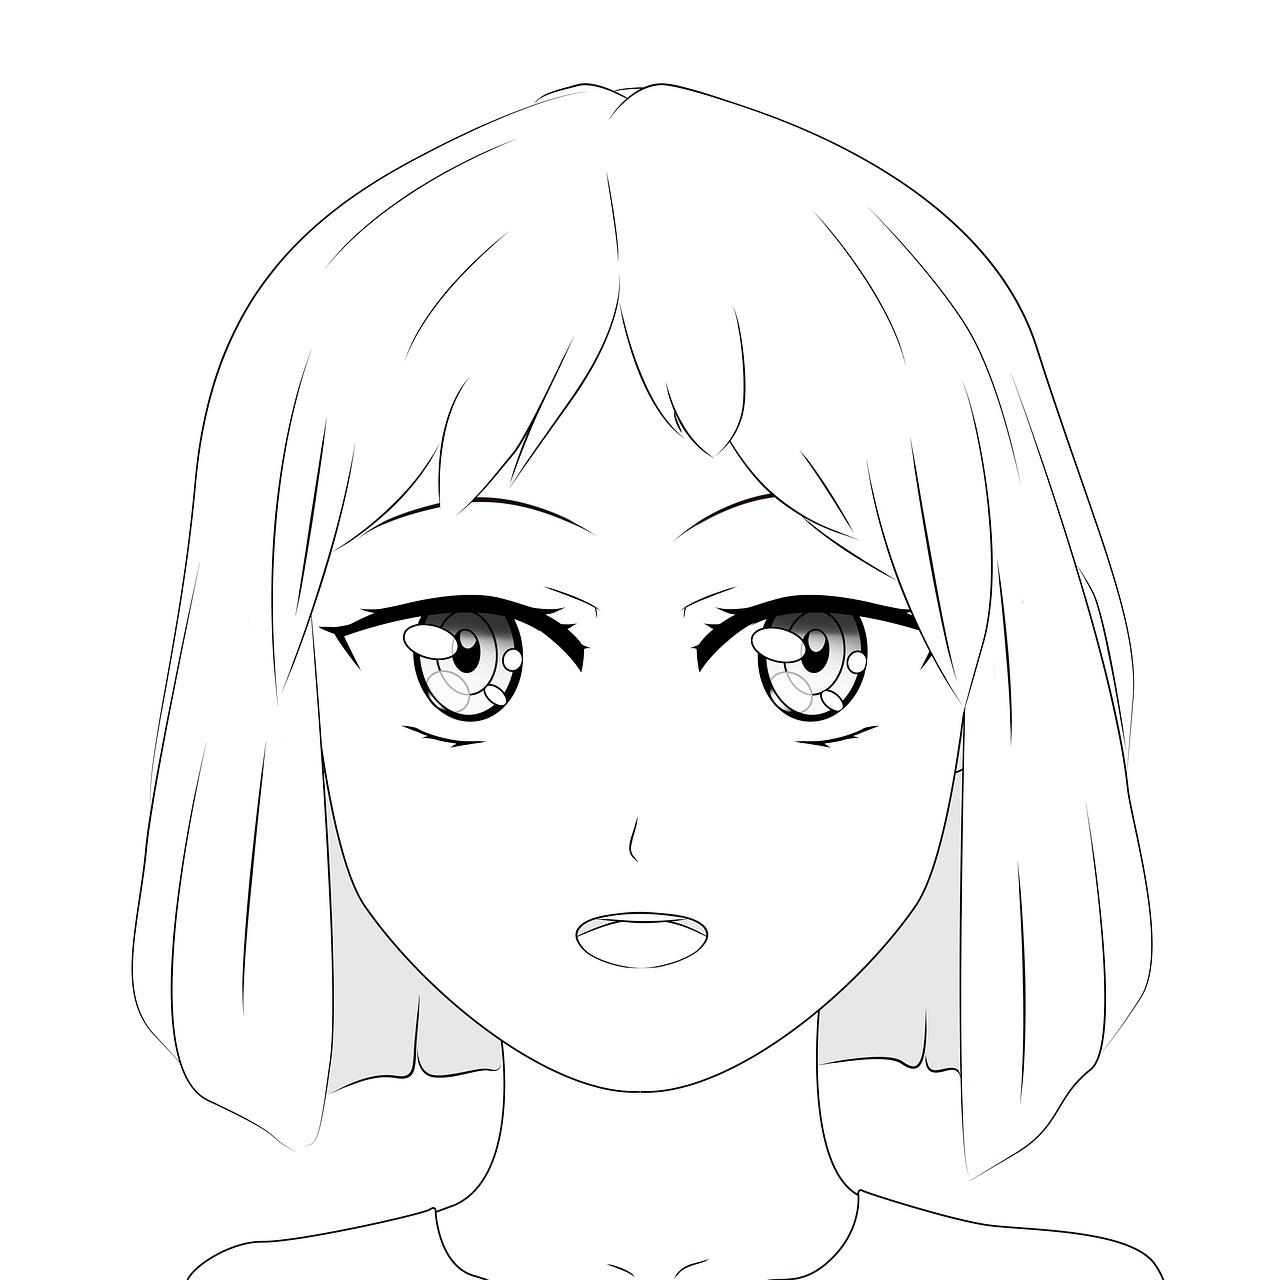 Drawing Anime Manga Free Image On Pixabay